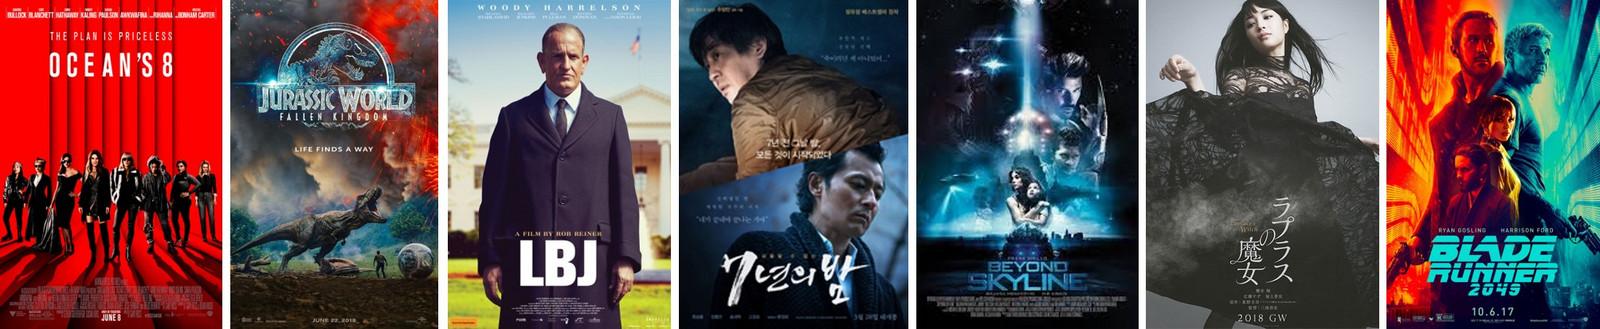 Movie_201809_10